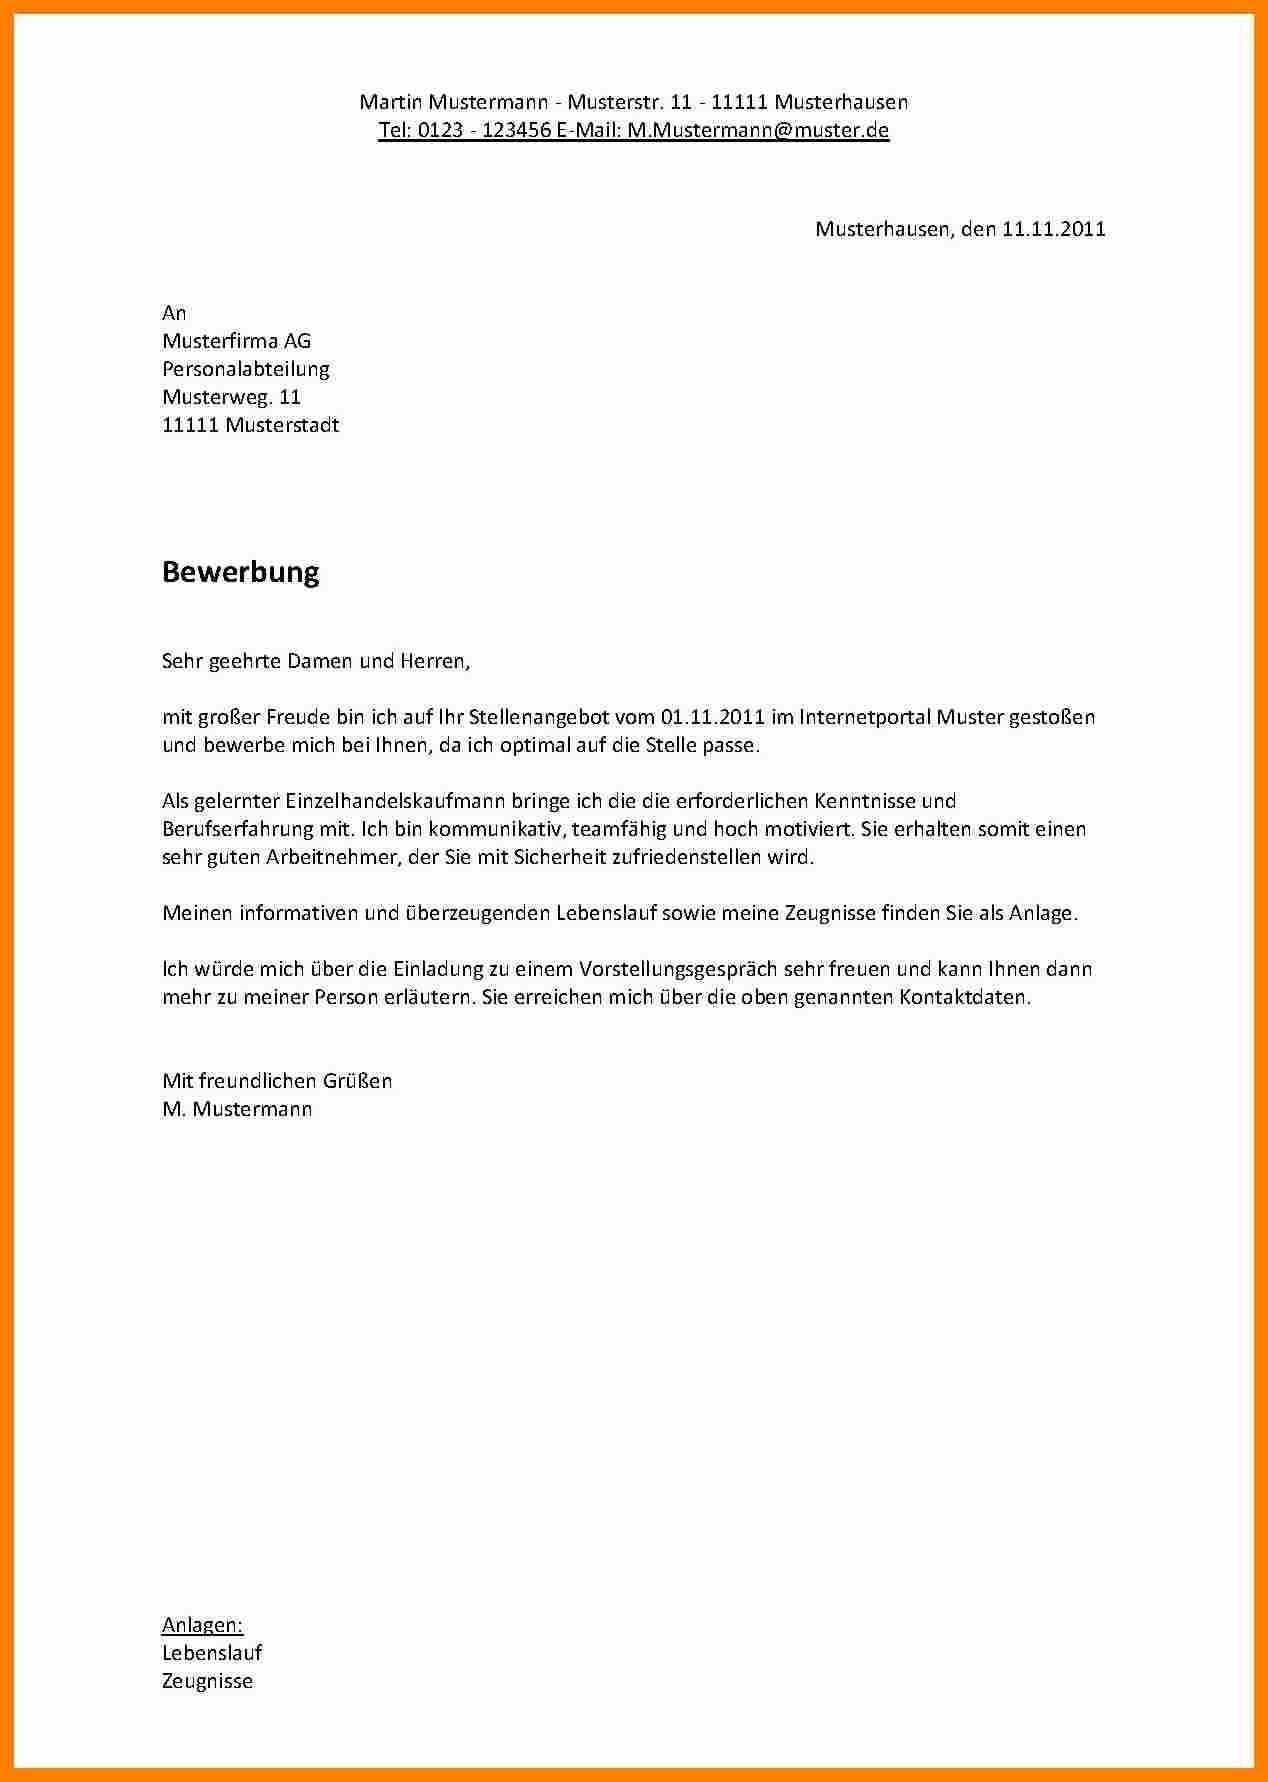 Einzigartig Bewerbung Nach Ausbildung Muster Briefprobe Briefformat Briefvorlage Bewerbung Schreiben Vorlage Bewerbung Bewerbung